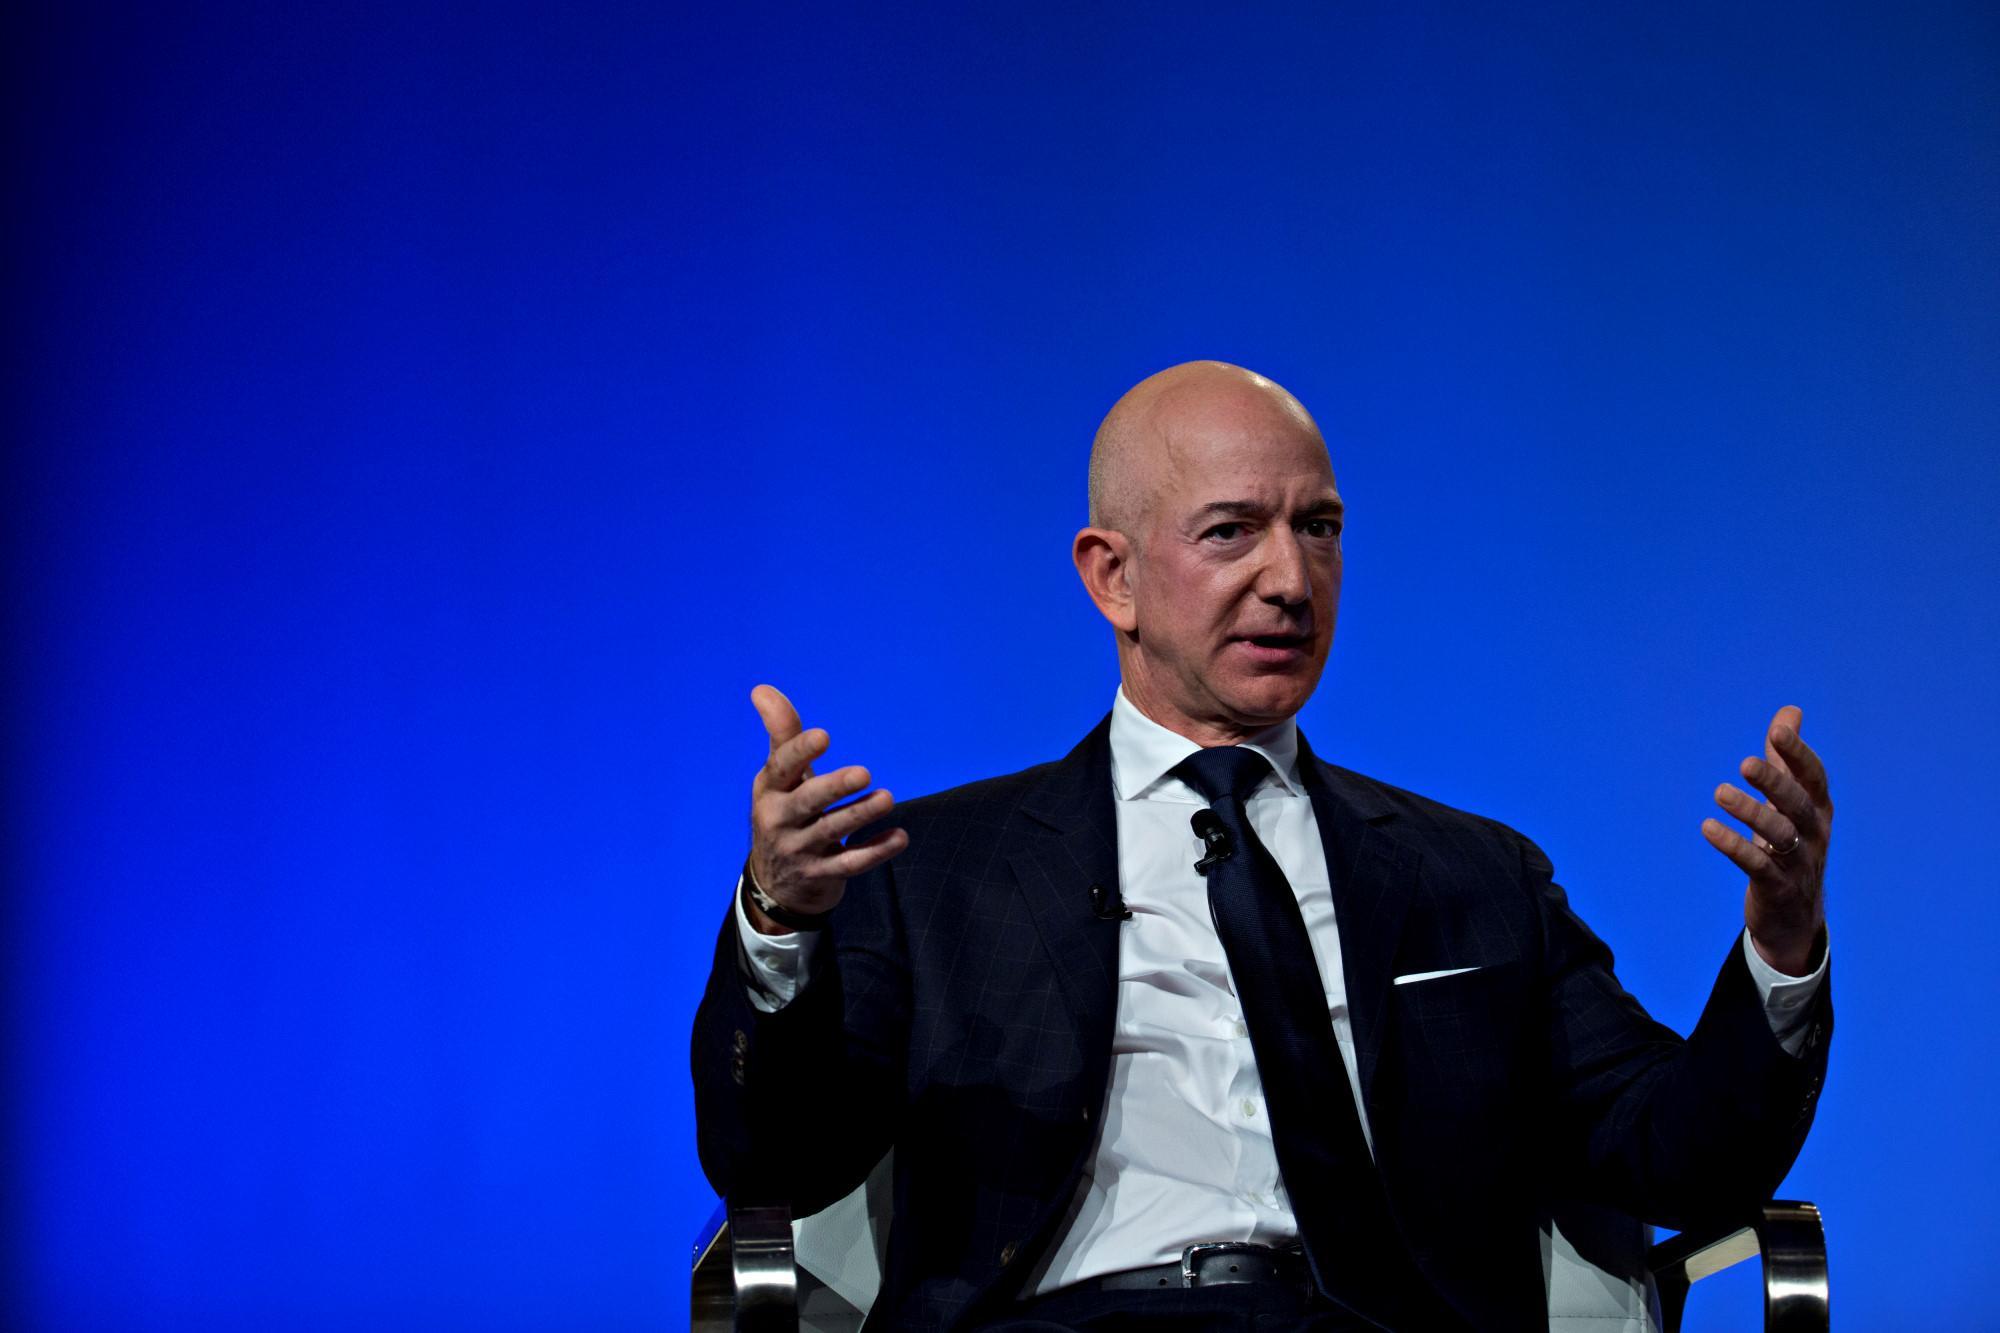 Nối gót SpaceX, Amazon sẽ phóng vệ tinh internet băng thông rộng Ảnh 1